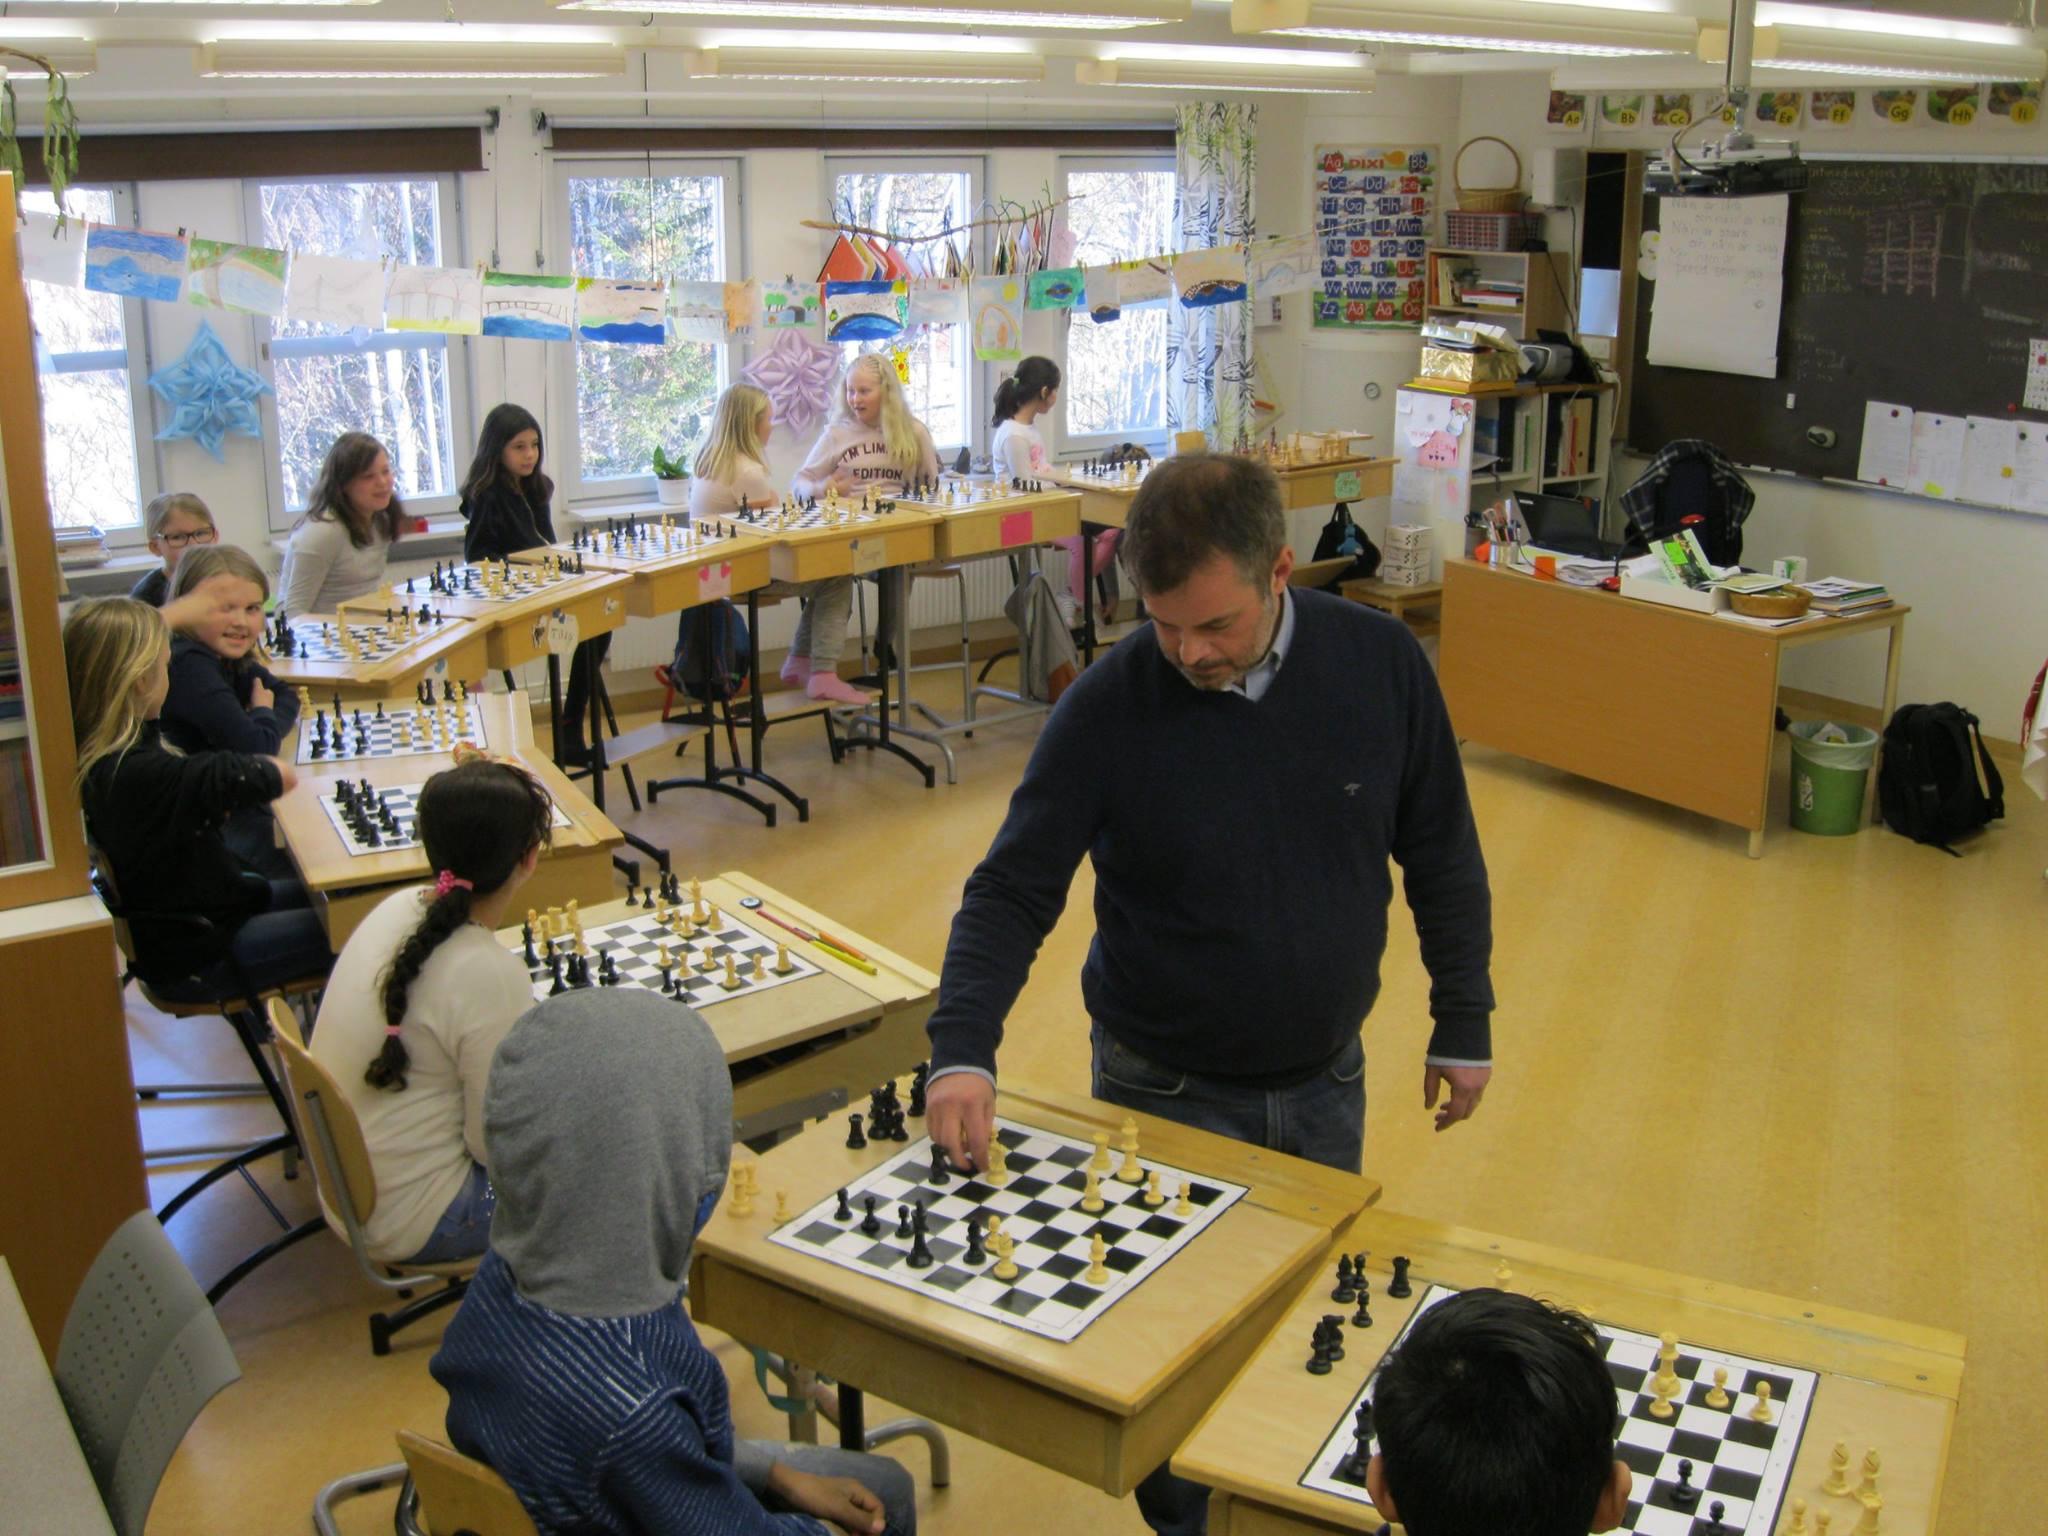 Simultanschack med Mats